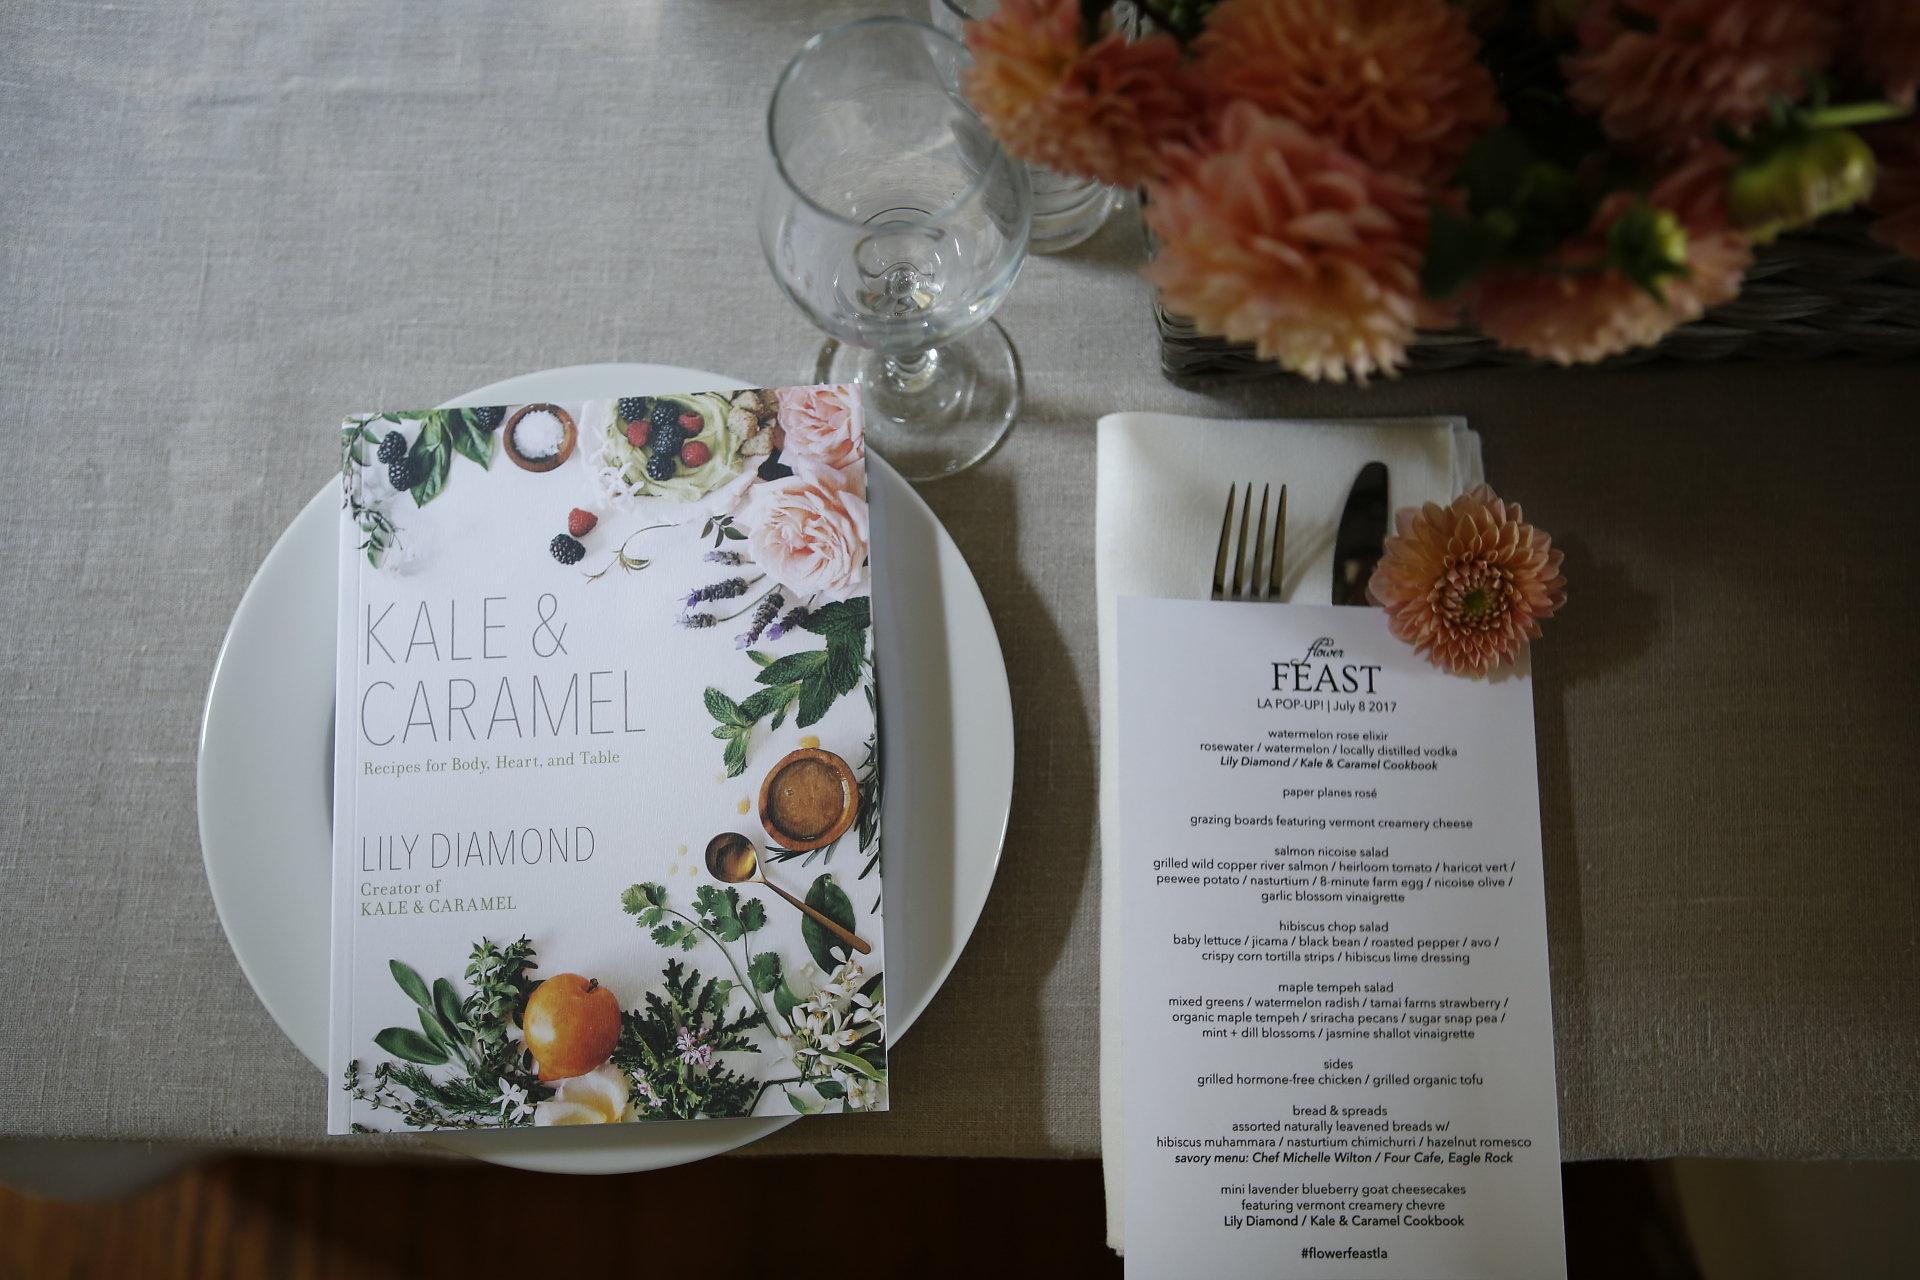 Kale & Caramel Flower FEAST LA